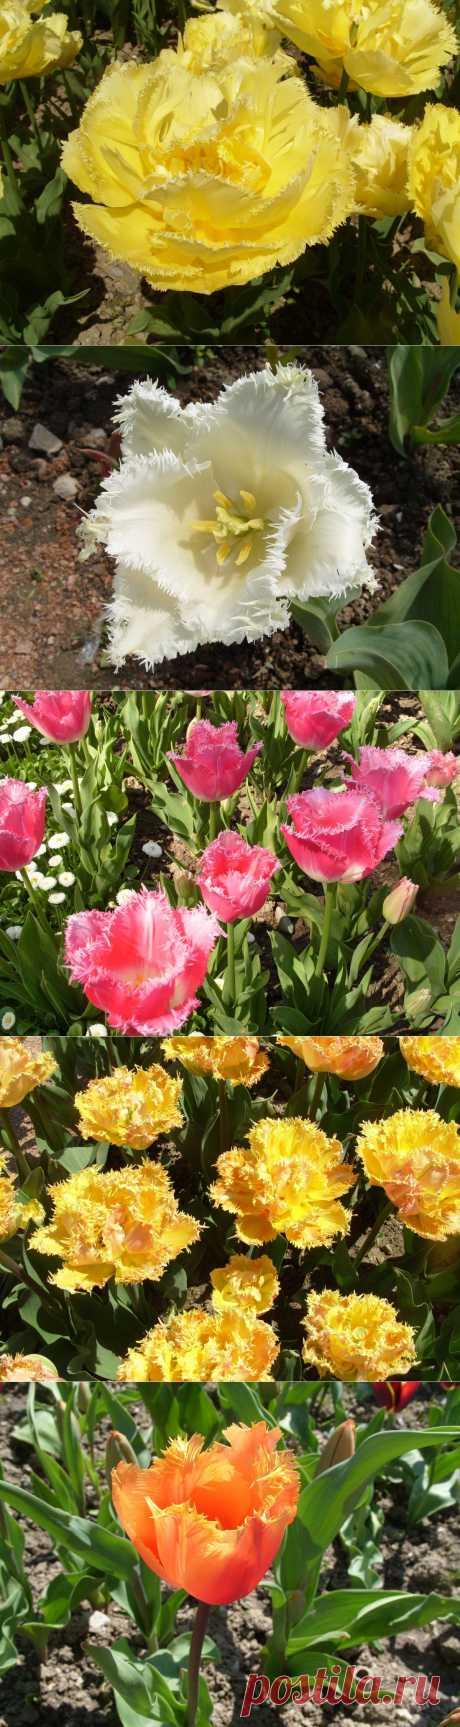 Удивительные бахромчатые тюльпаны.Необычная красота тюльпанов из садового класса бахромчатых заключена в бахроме их жестких игольчатых выростов, идущей по краям лепестков.Бахромчатые тюльпаны гармонично вписываются в весеннюю картину миксбордера.